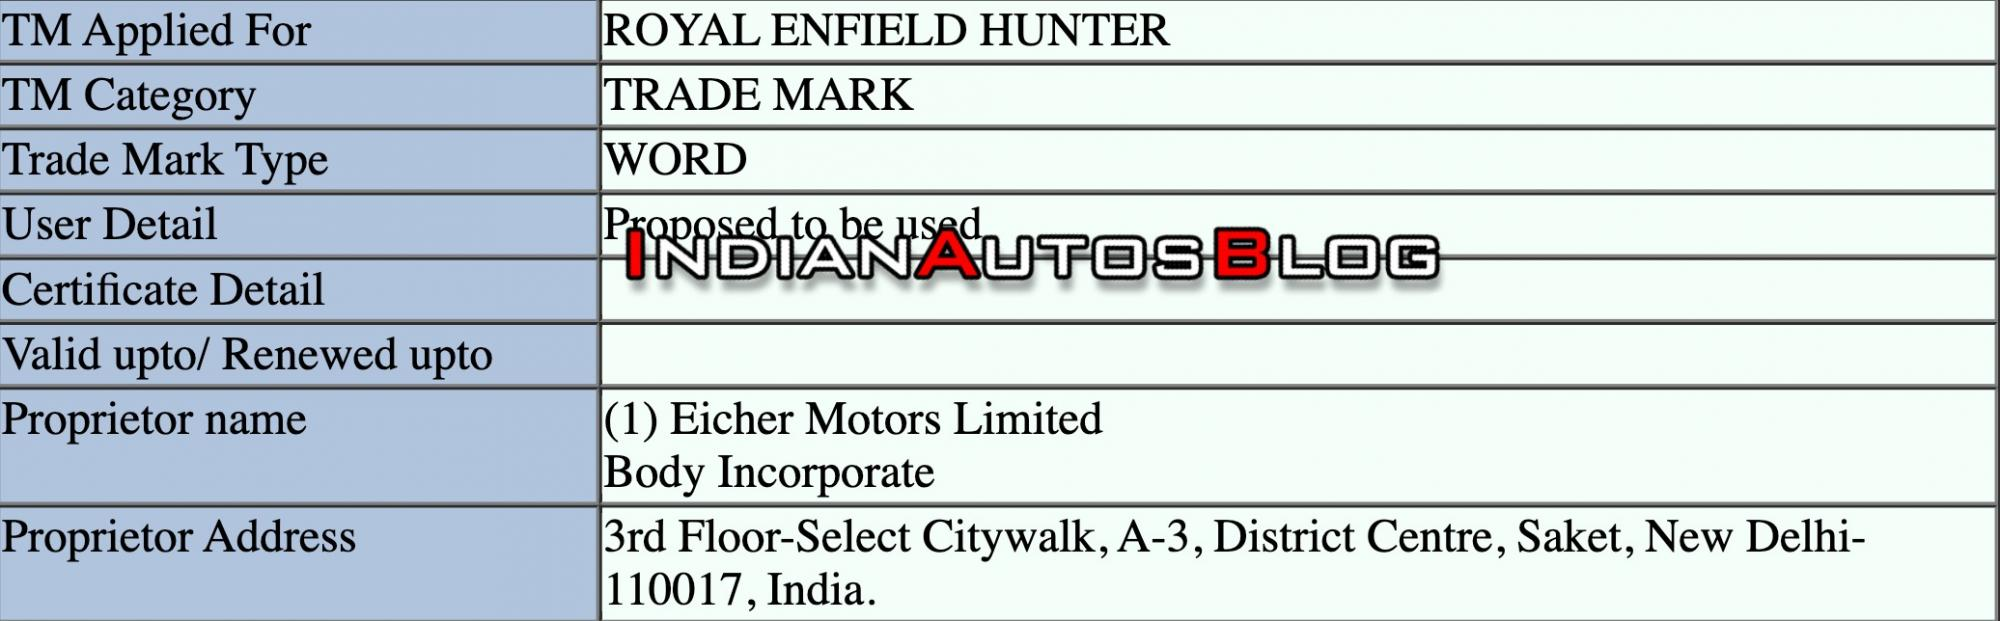 Royal Enfield Hunter